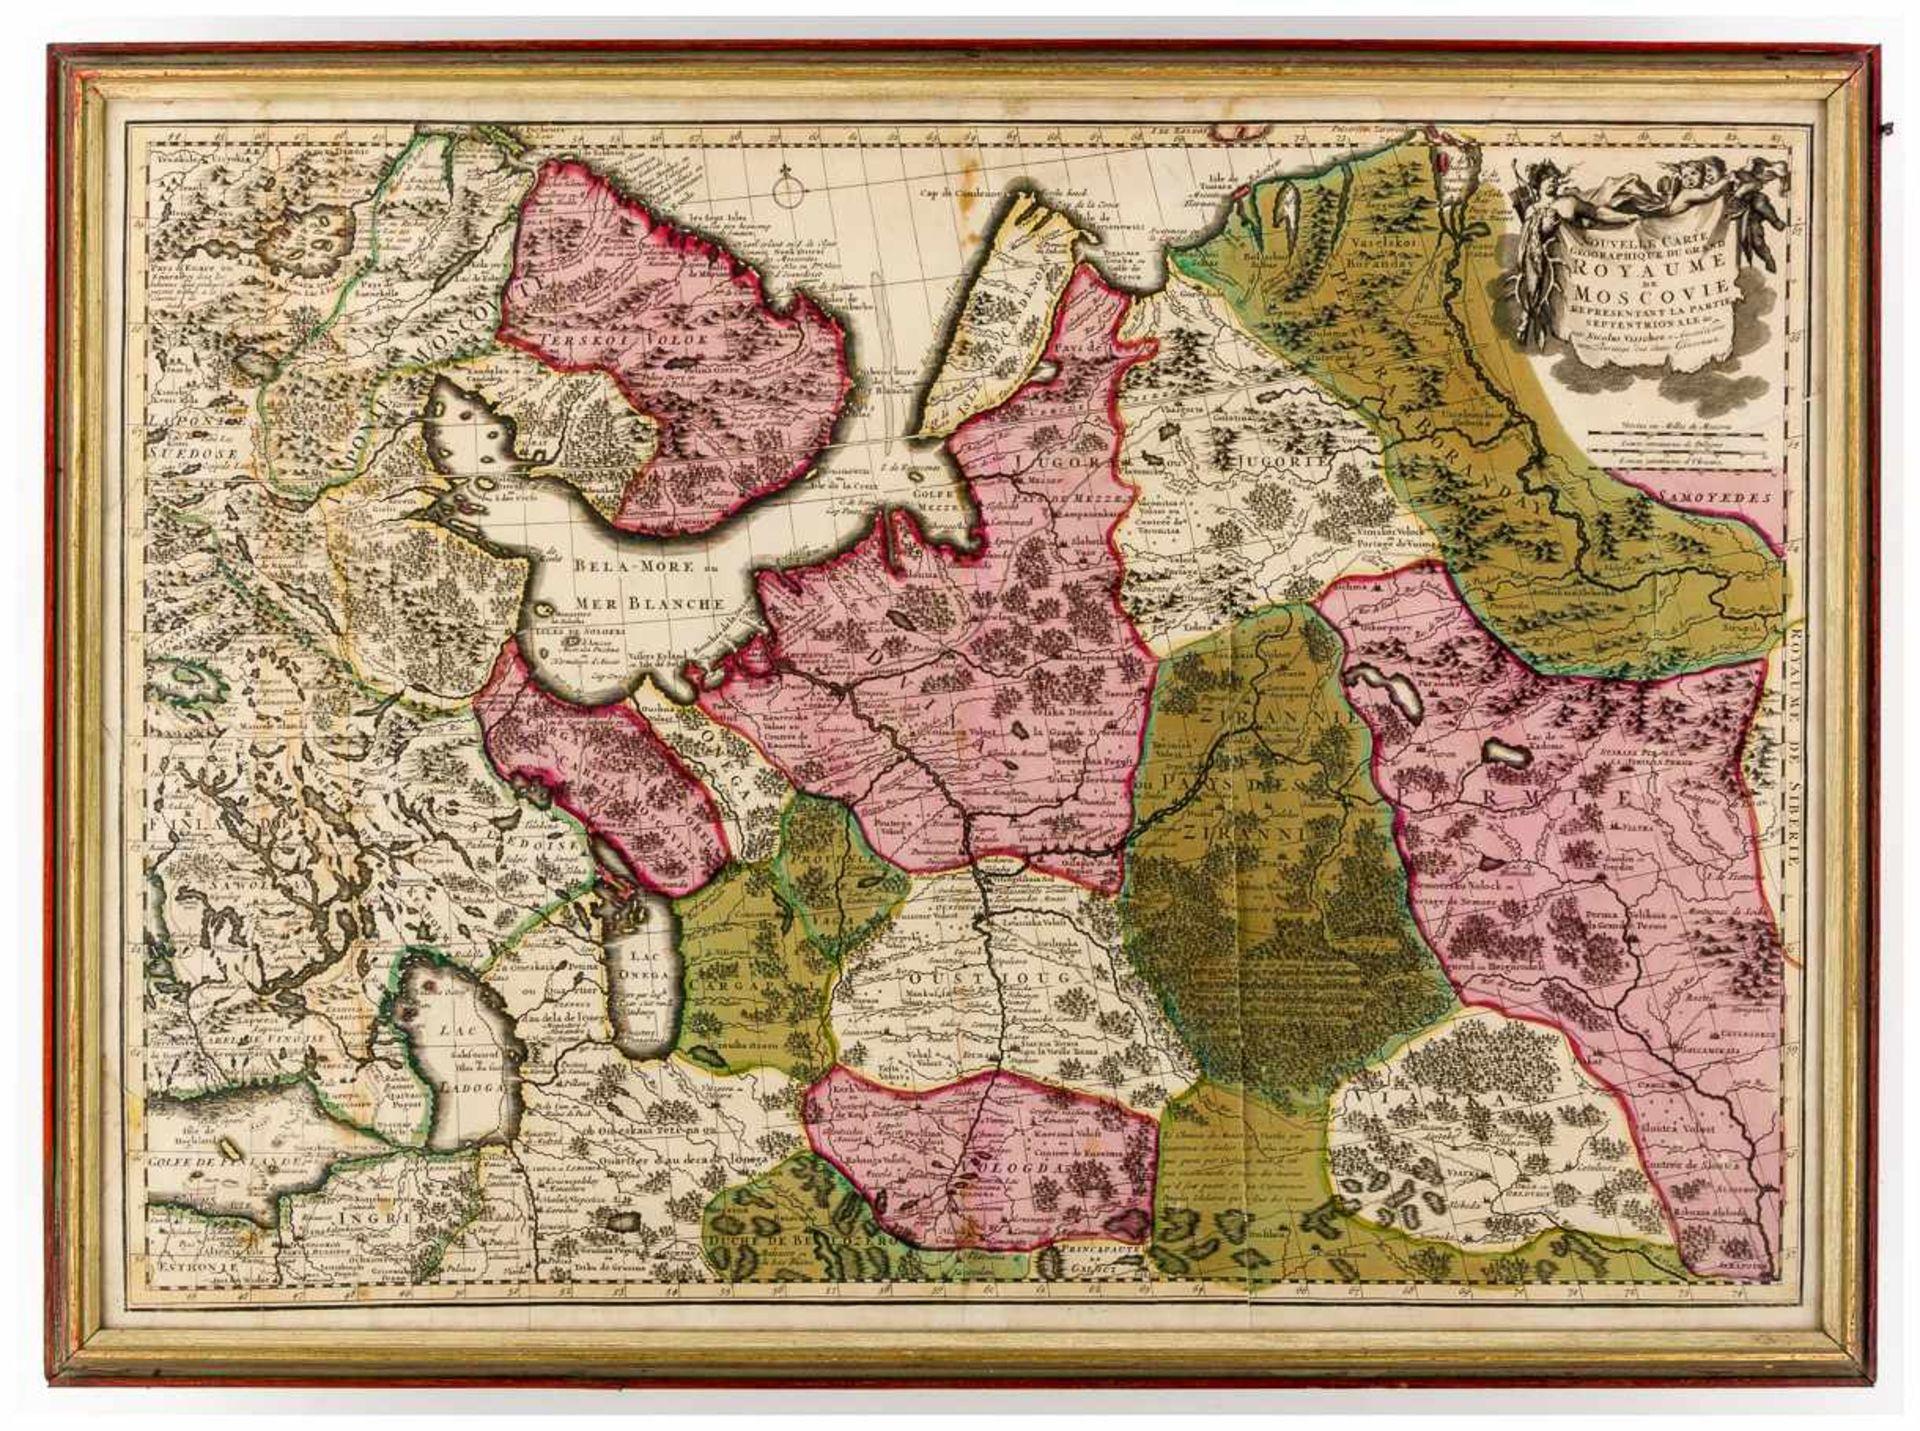 Los 60 - Landkarte Russland Kupferstich von Nicolas Visscher (1618-1679), Amsterdam, um 1680 Bildgrösse: